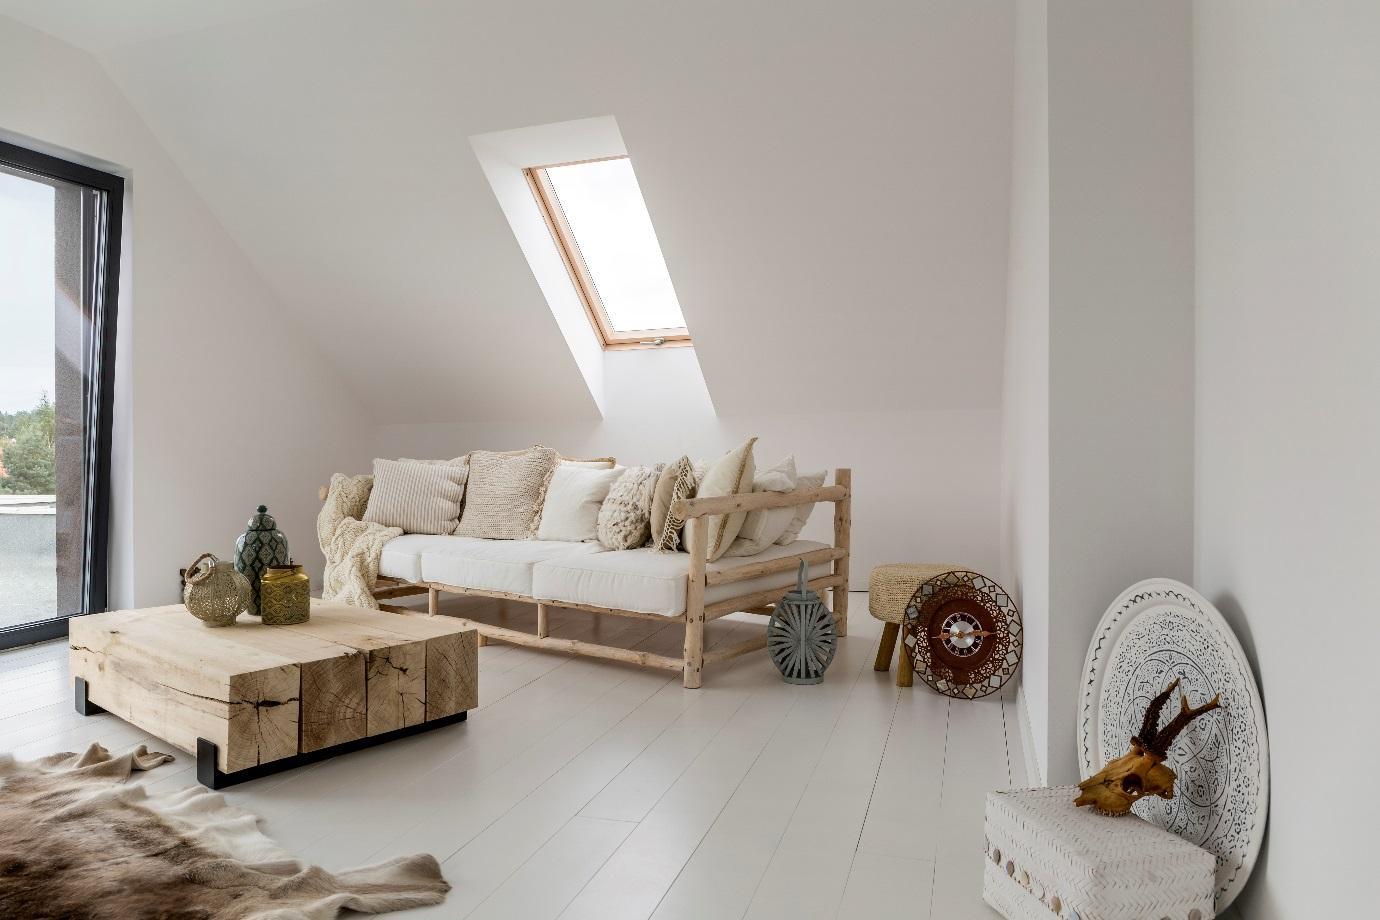 Uma imagem contendo parede, interior, mesa, chão  Descrição gerada automaticamente